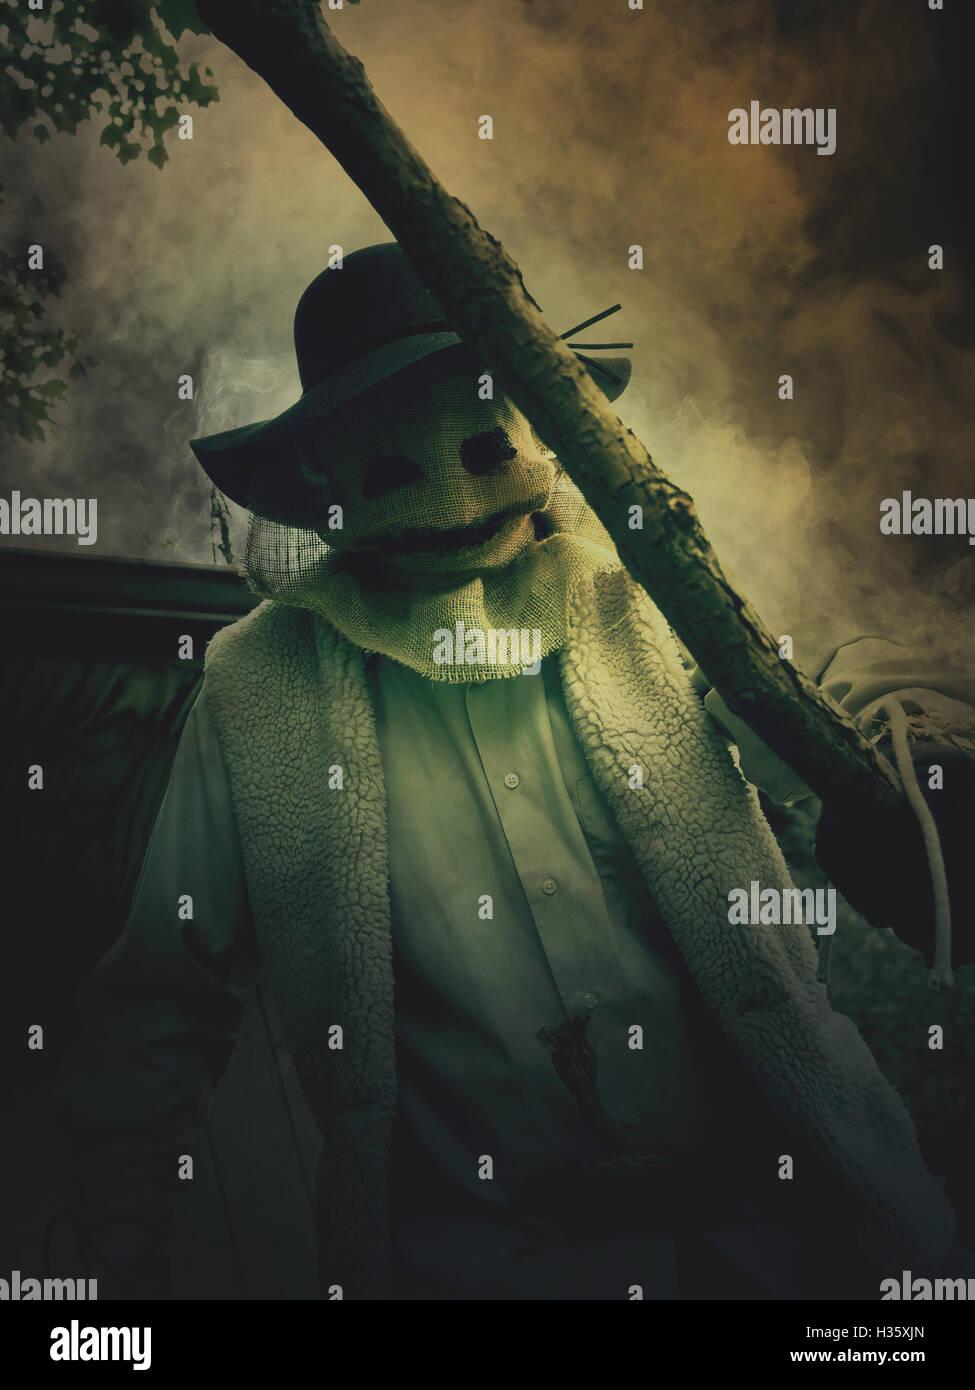 Un peu d'evil scarecrow l'homme est titulaire d'un bâton avec un masque de monstre de jute sur son visage pour un cauchemar halloween concept. Banque D'Images